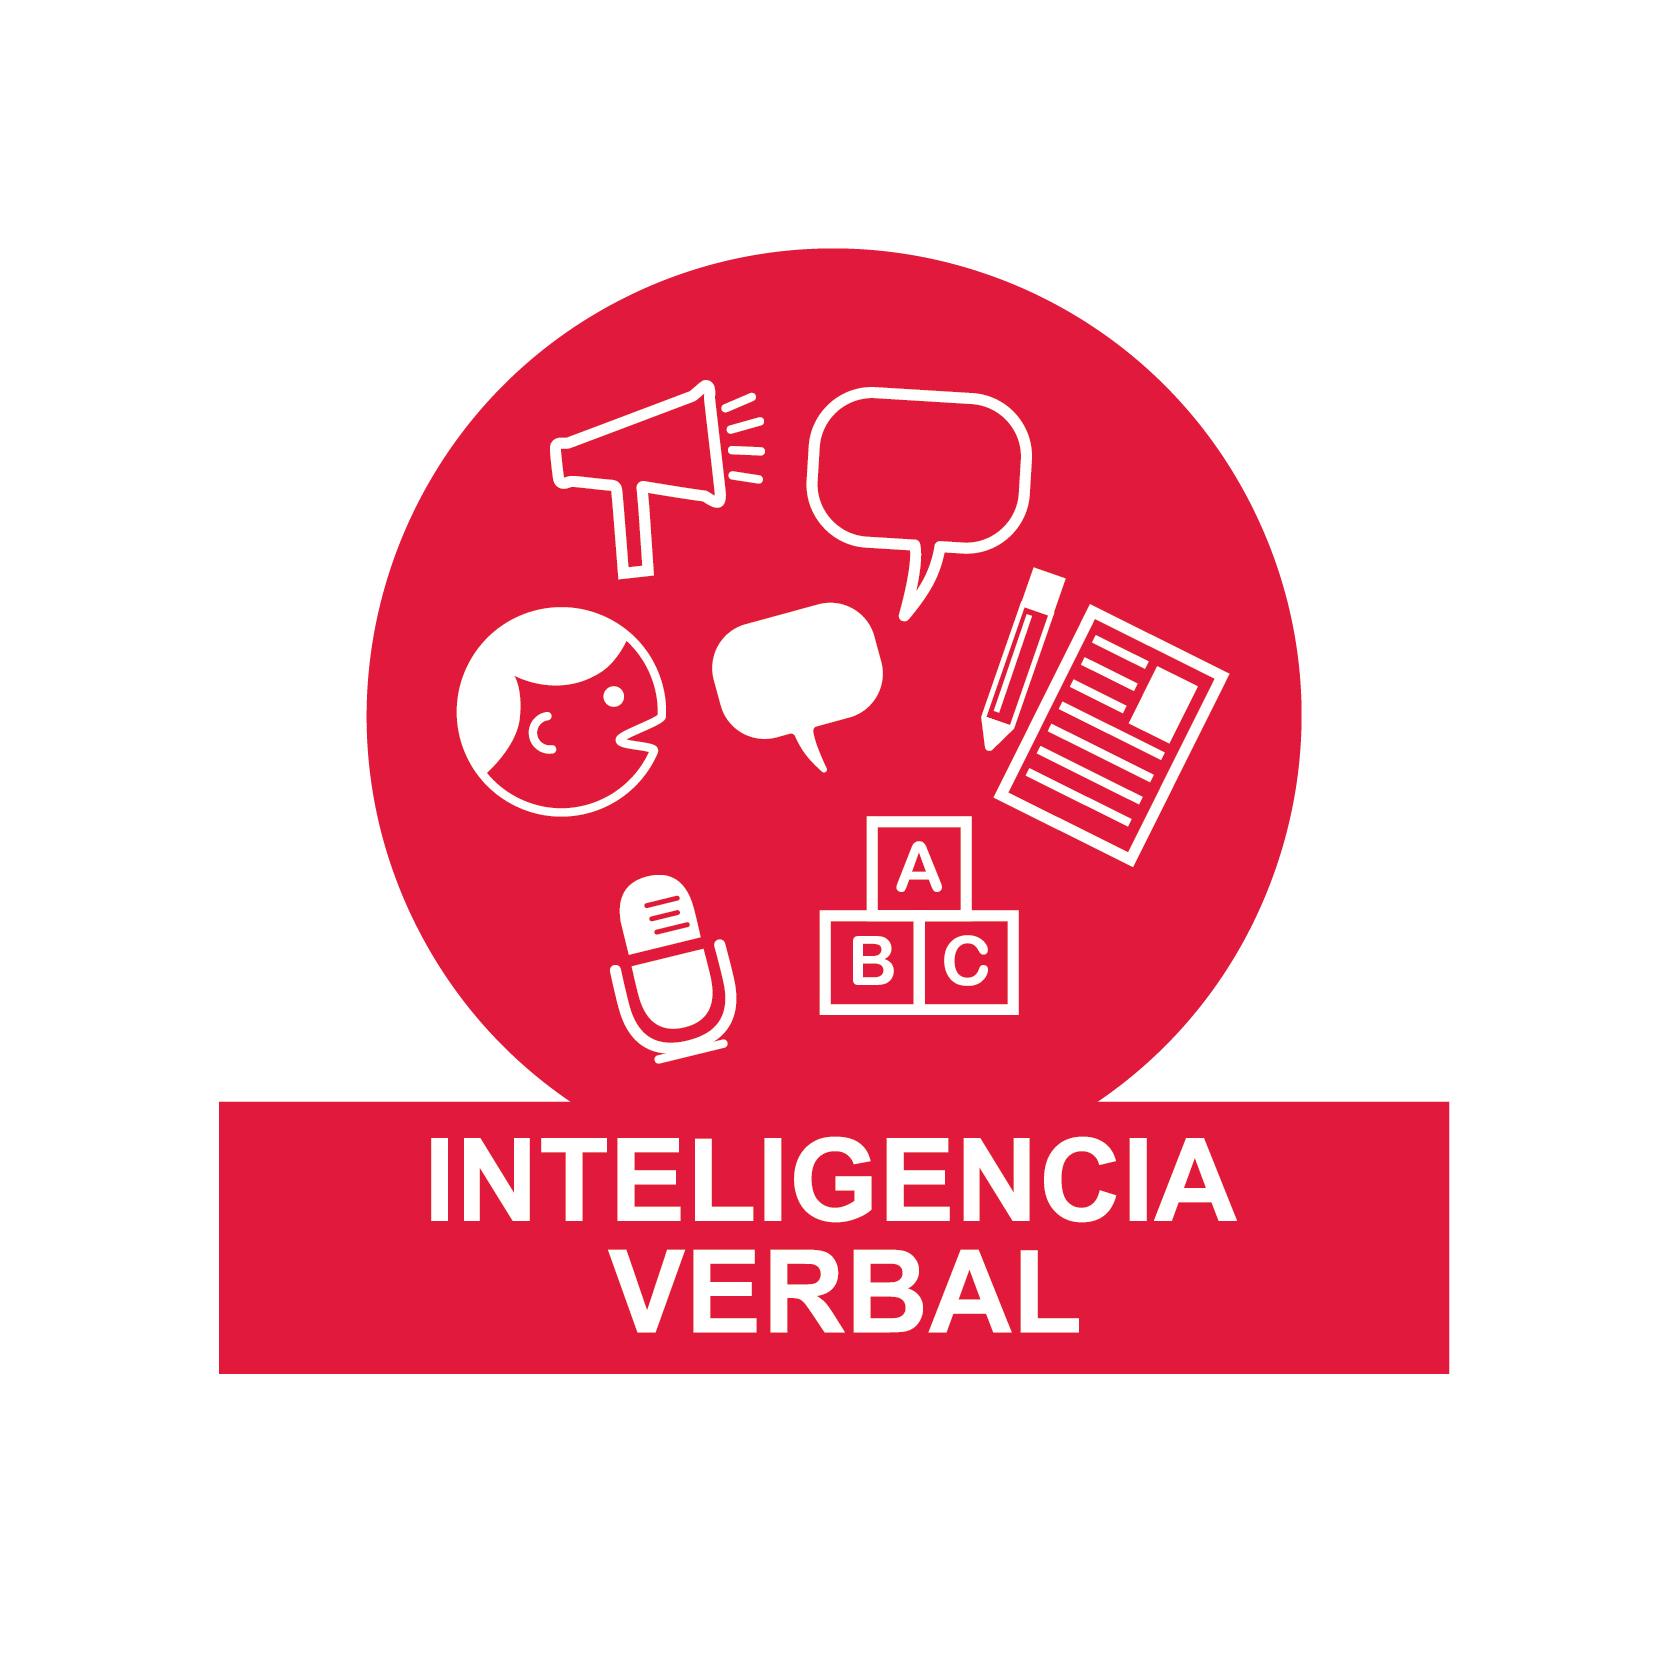 Inteligencia verbal despierta grupal